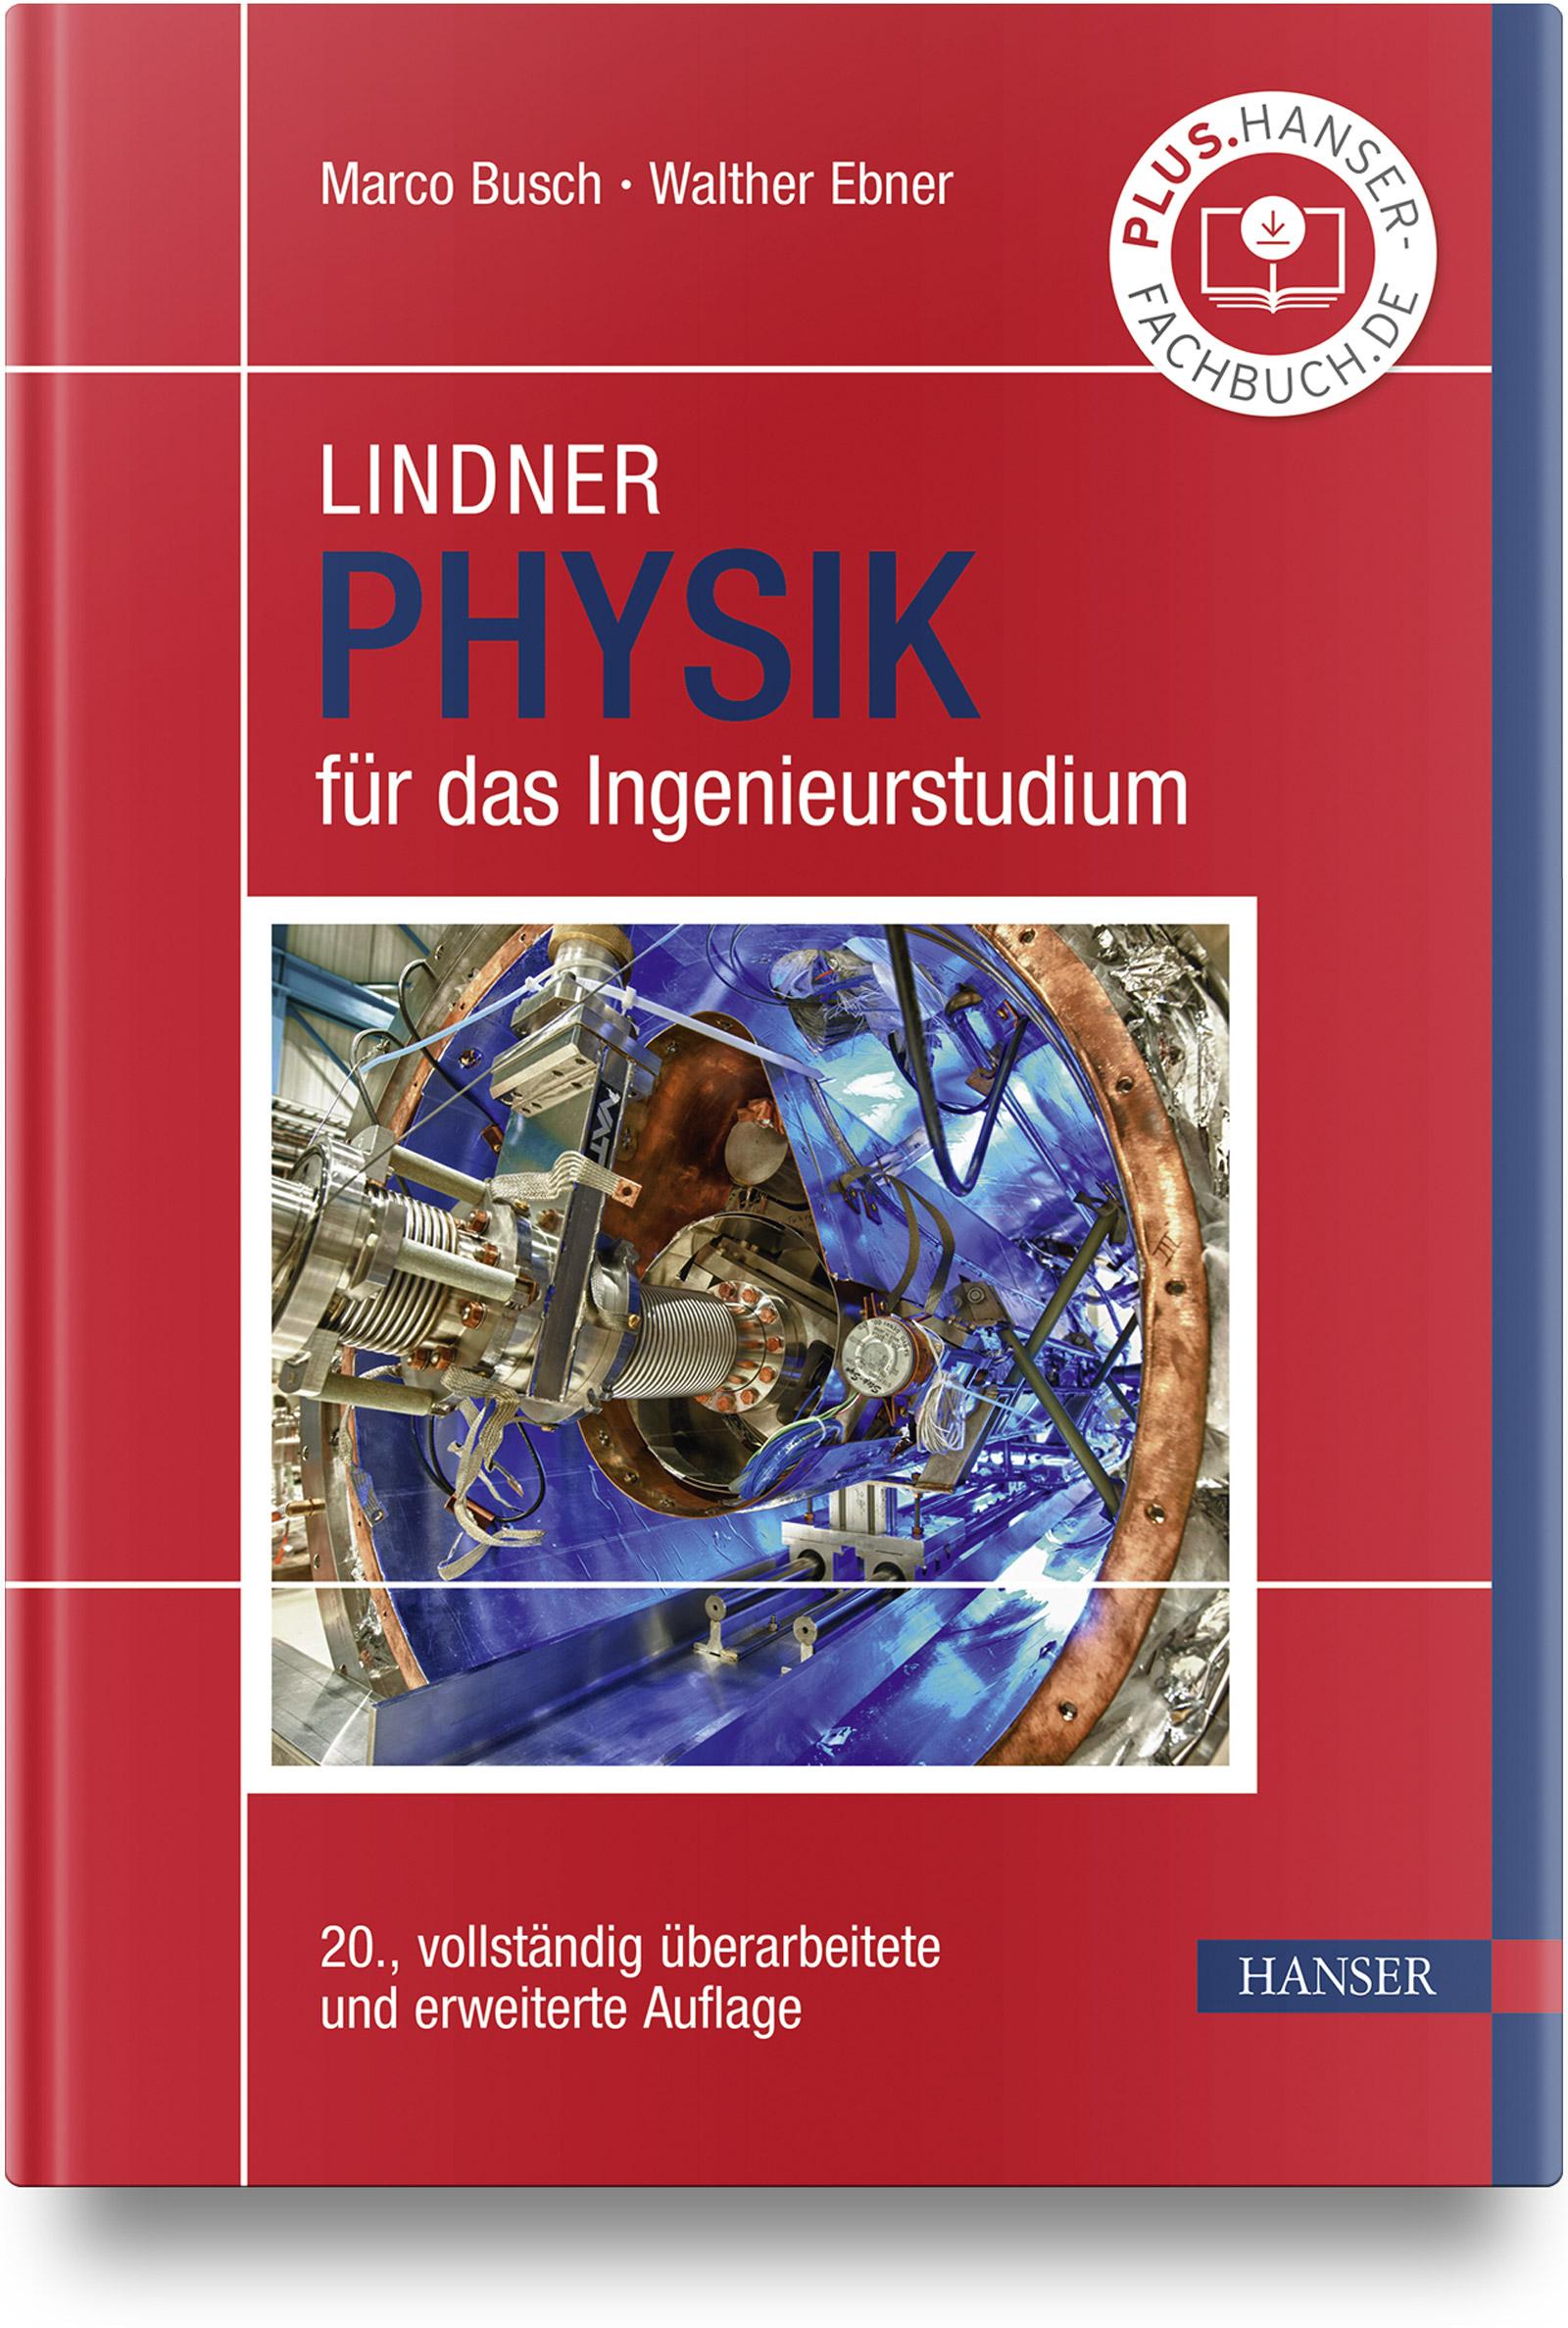 Lindner, Physik für Ingenieure, 978-3-446-45882-6